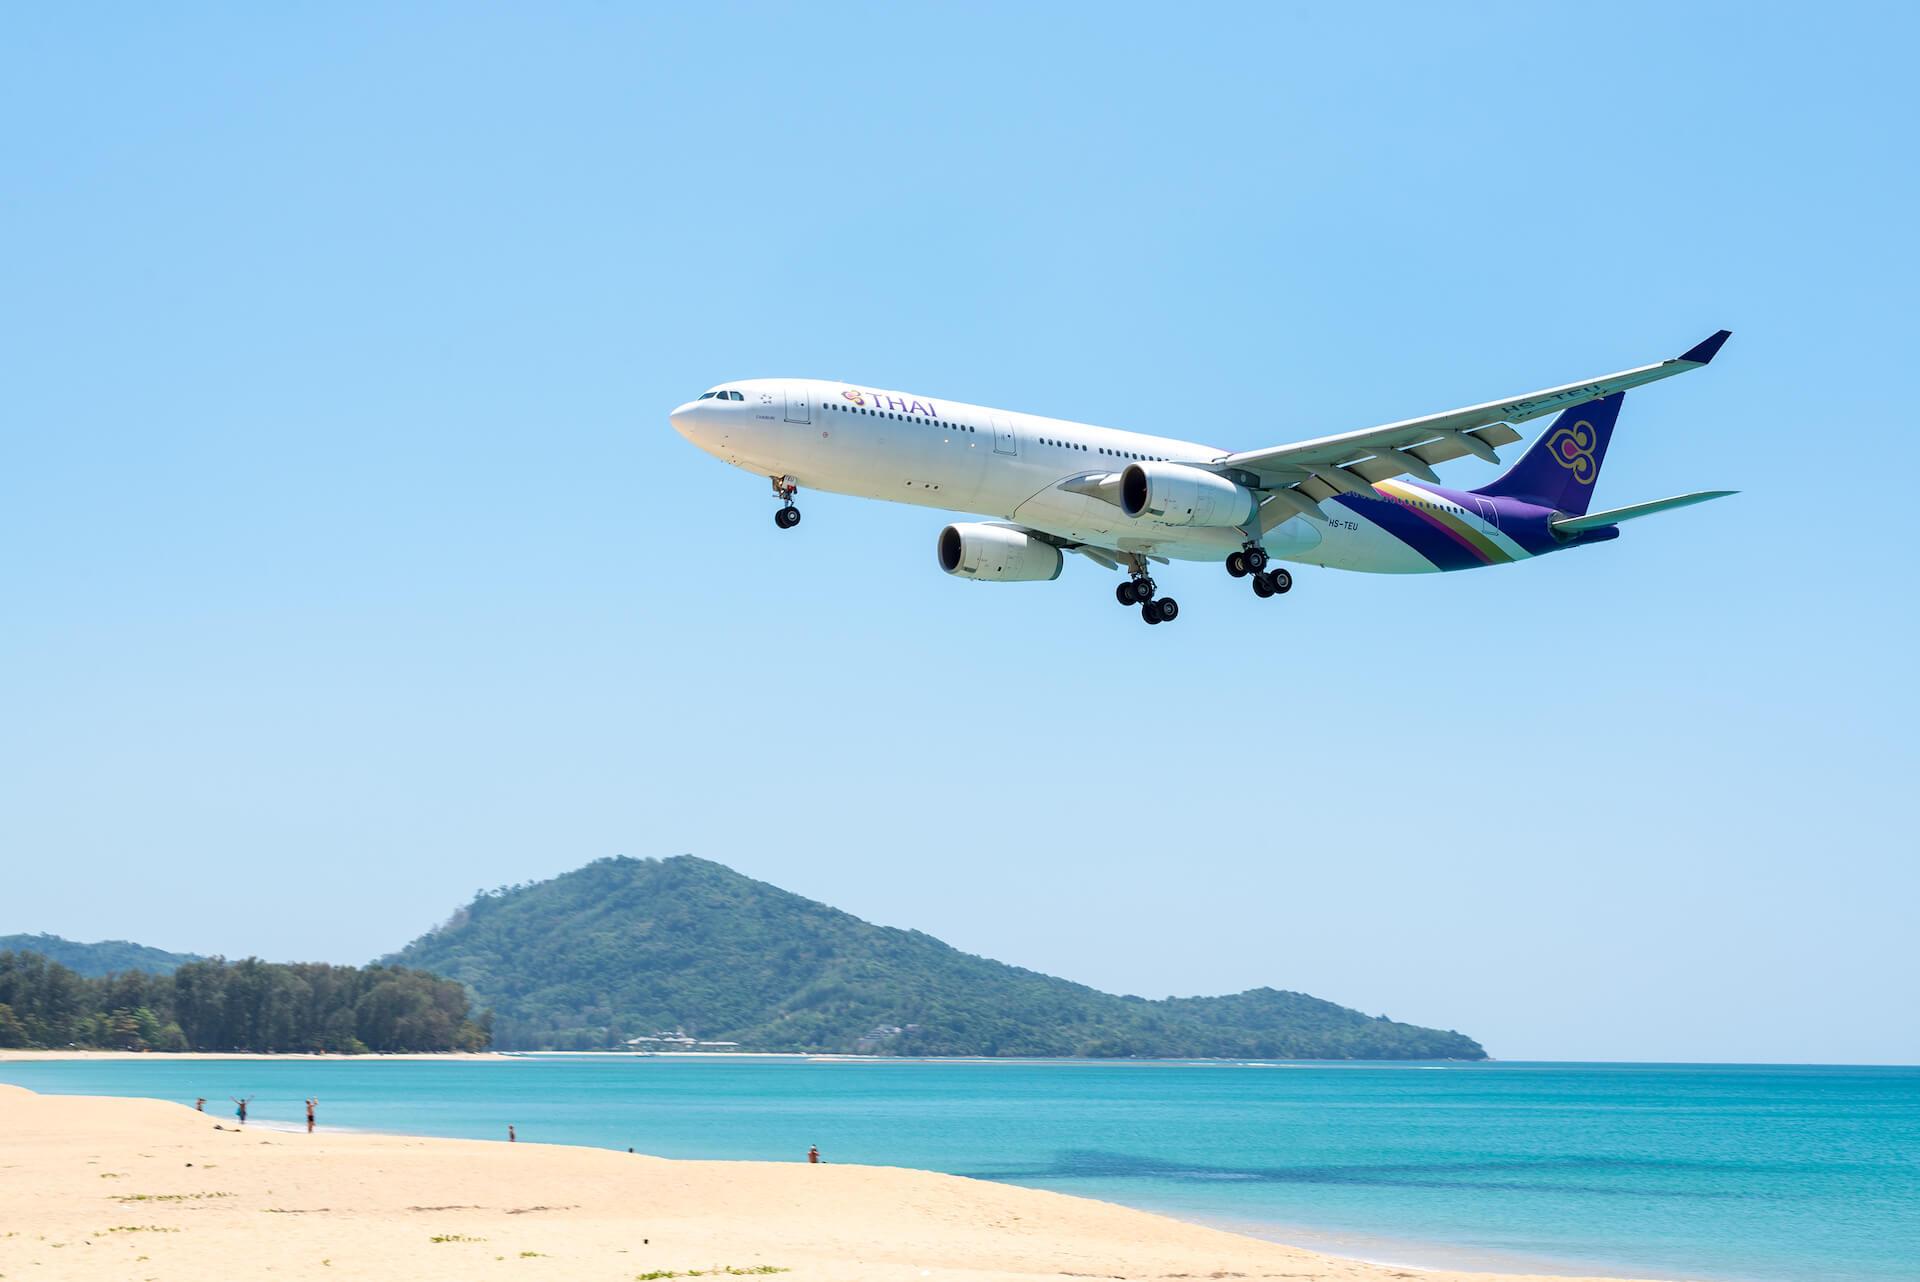 Phuket Flughafen Landeanflug